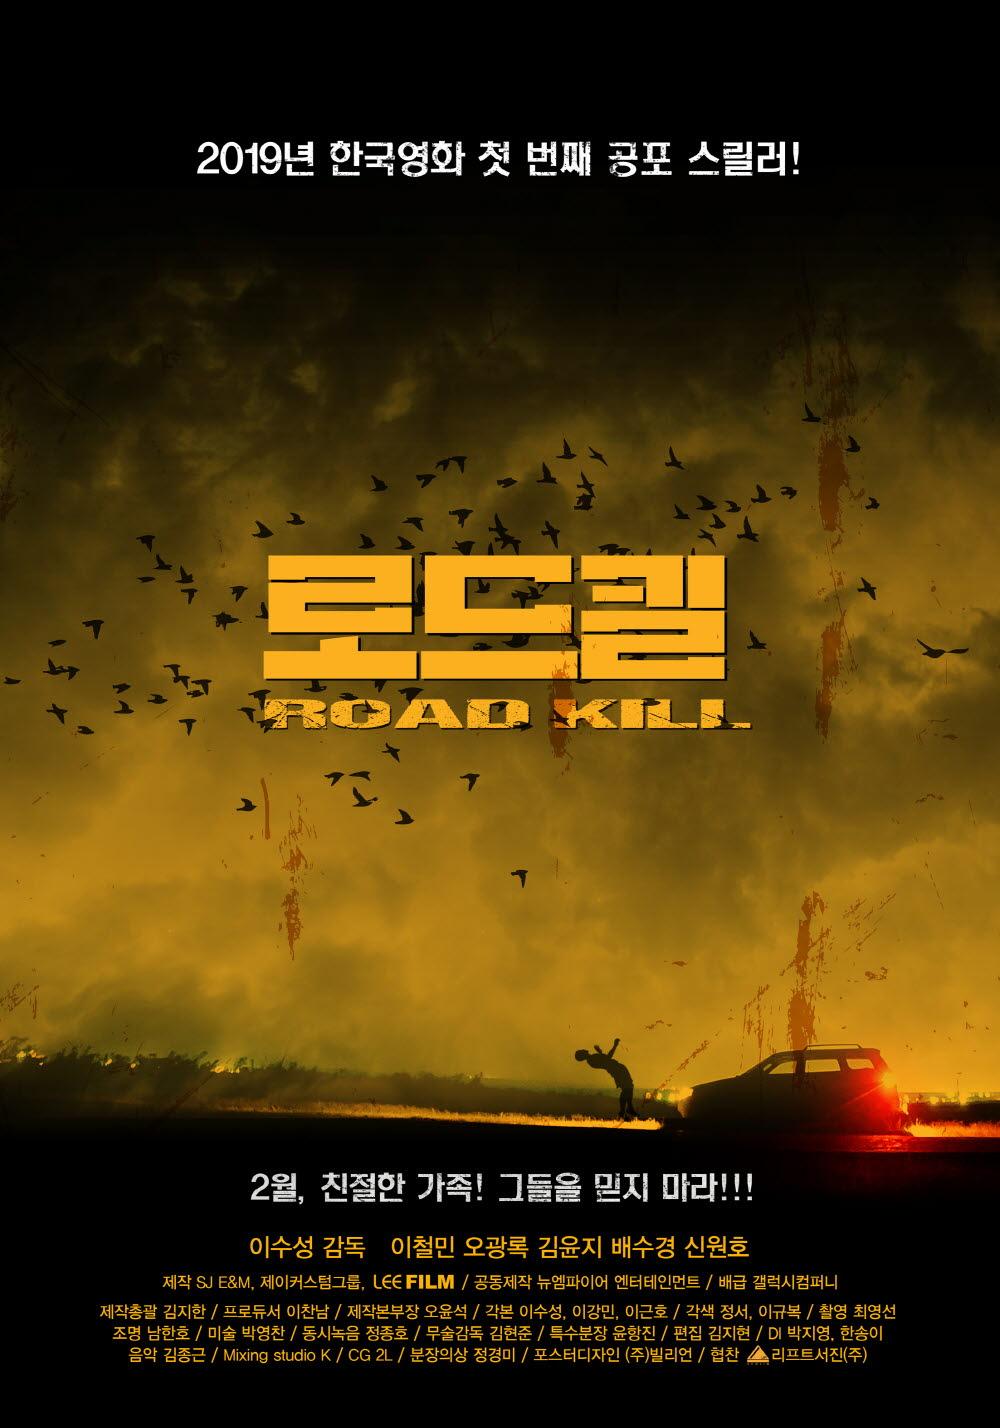 Sinopsis Film Korea Road Kill (2019)